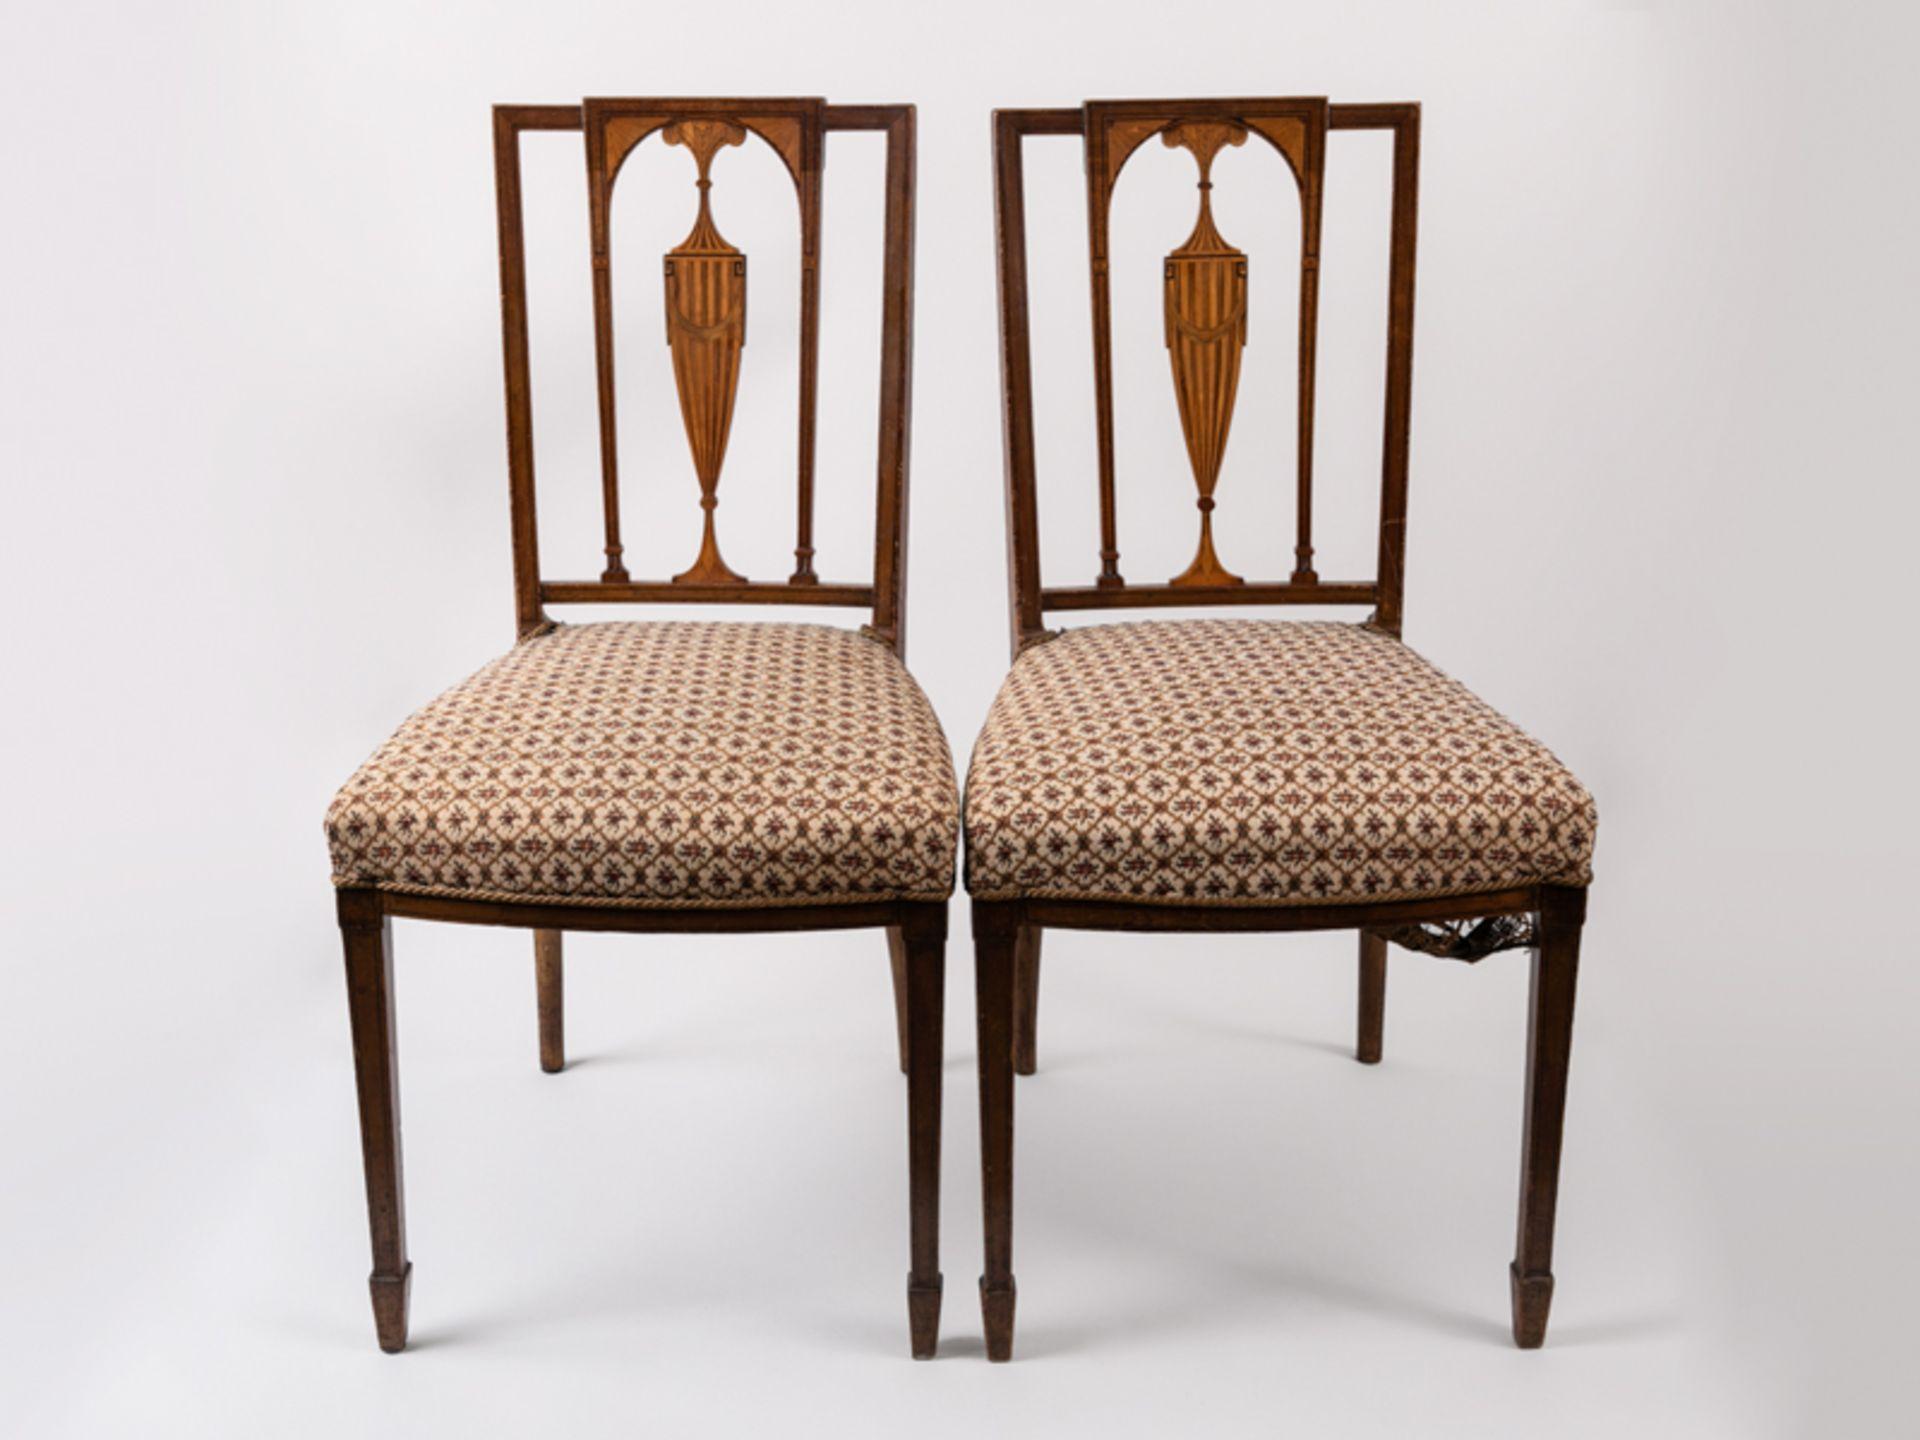 Paar Sheraton-Stühle, England, 18./19. Jh. Buche und verschiedene Einlegehölzer mit ebonisier